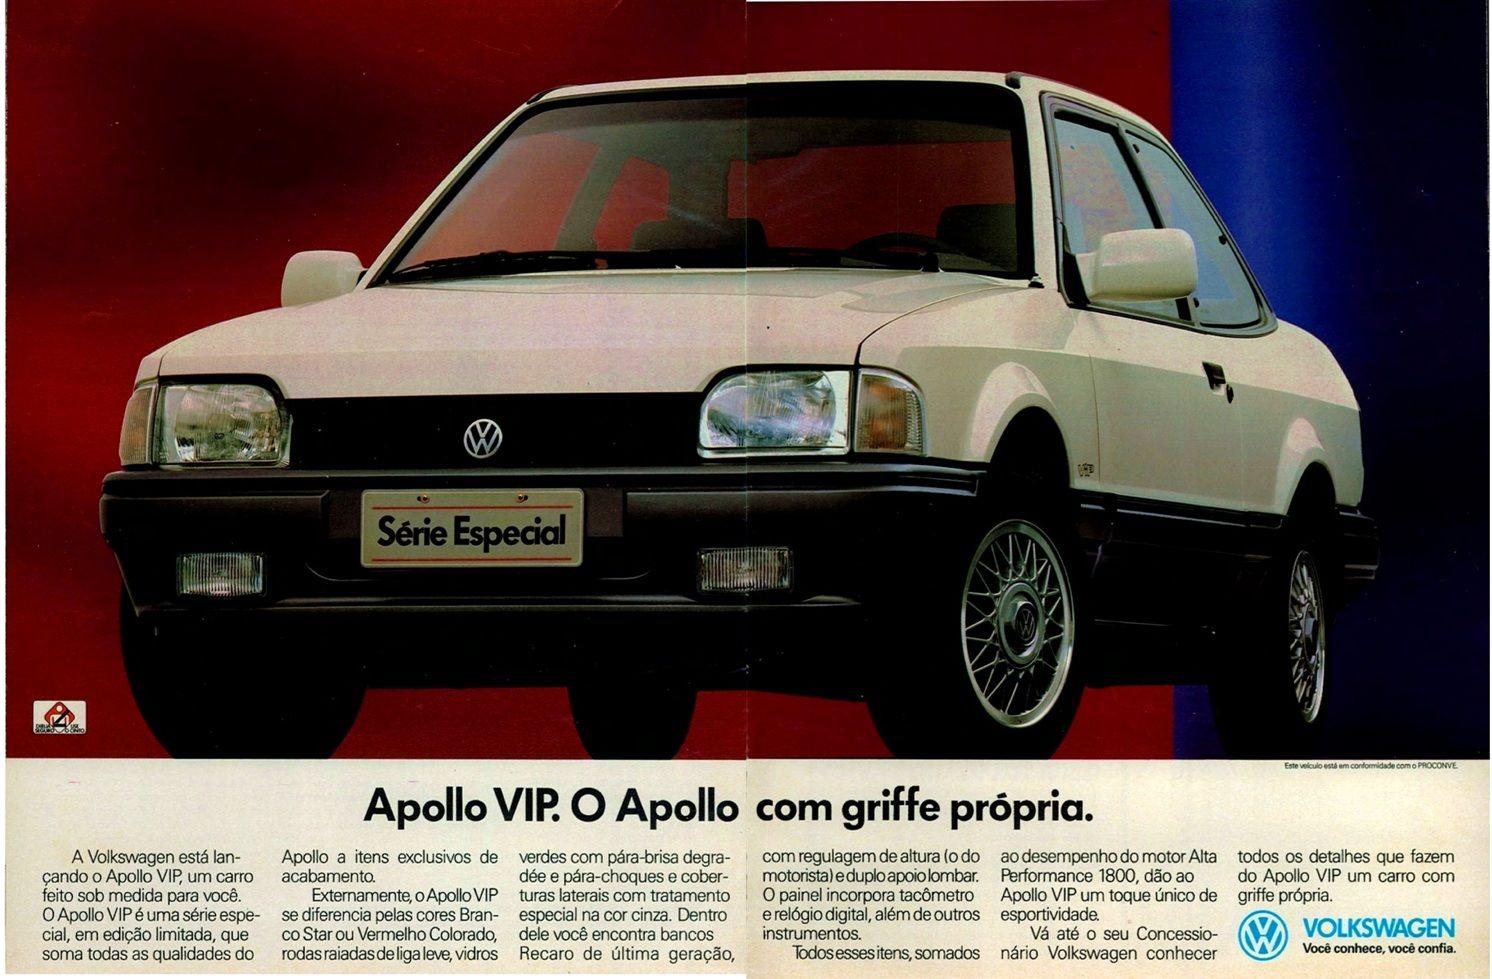 VW Apollo Vip | Carros e caminhões, Volkswagen, Carros